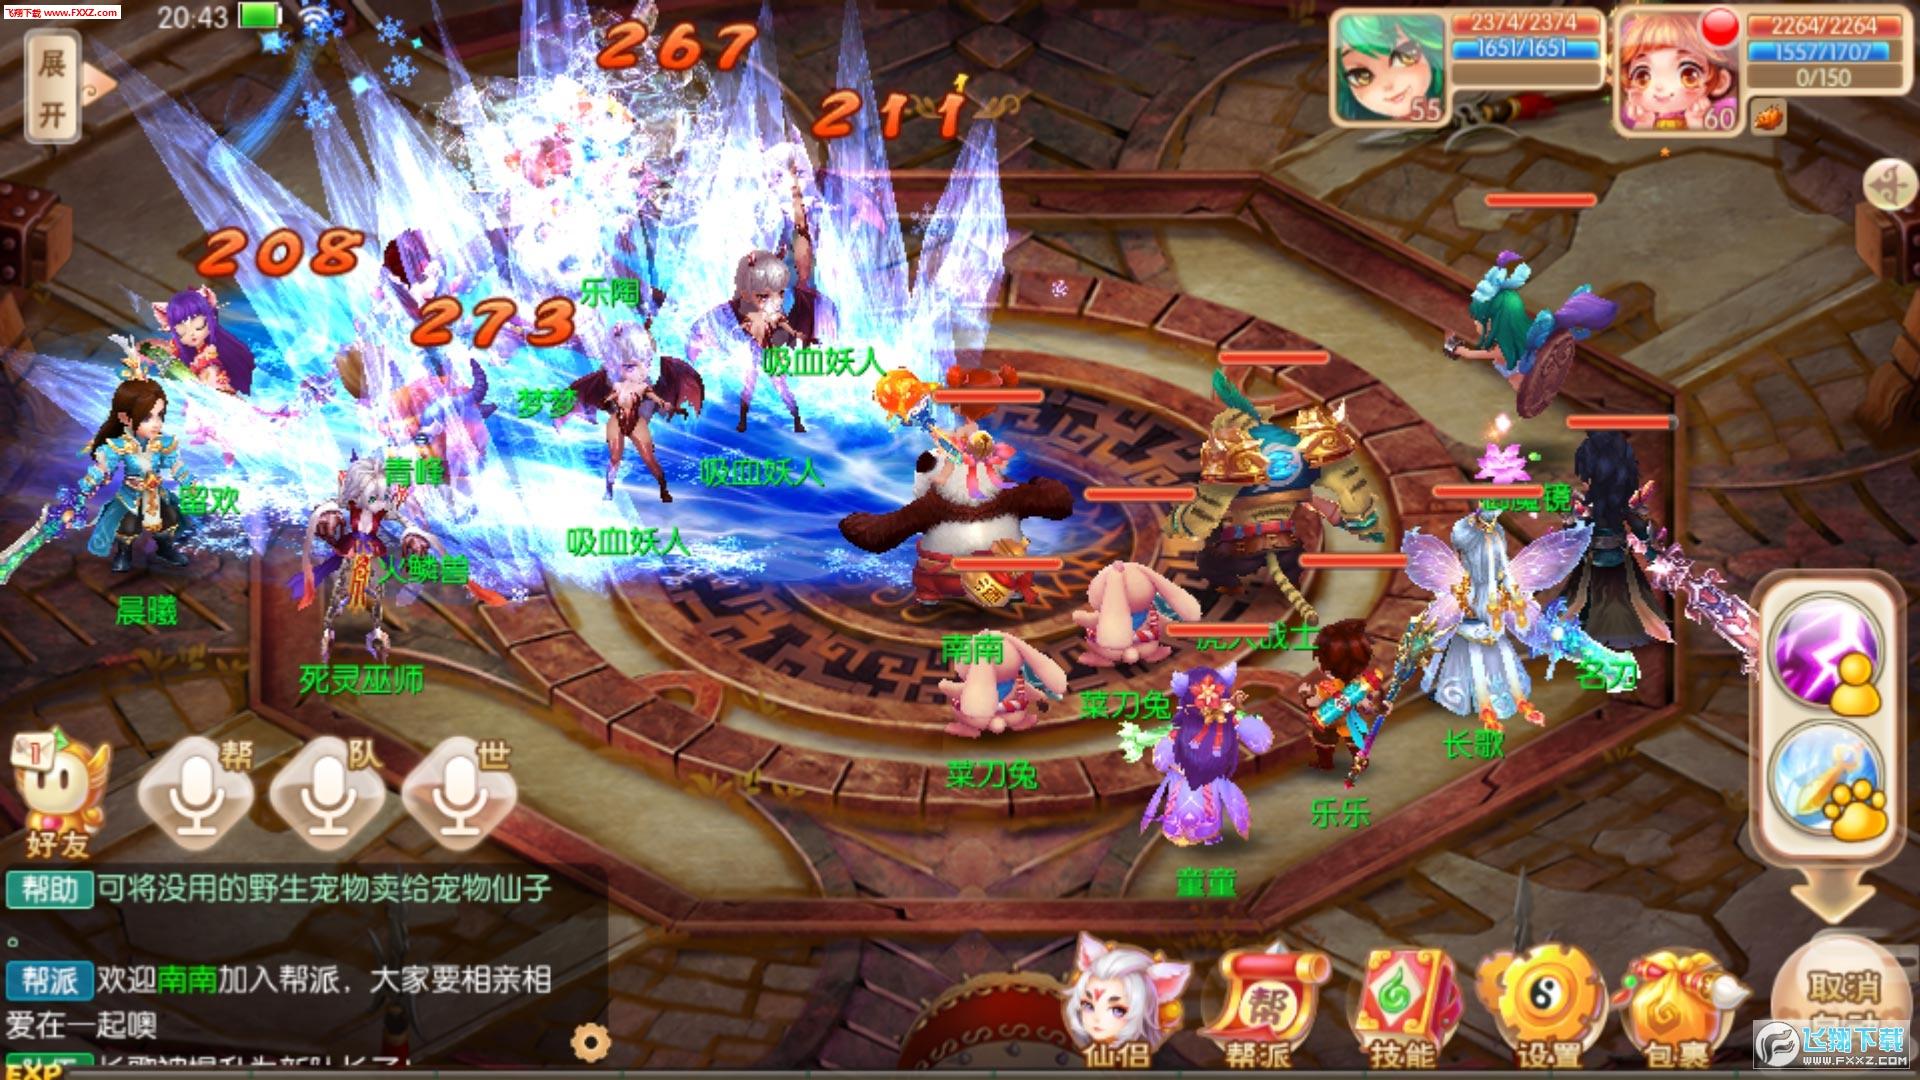 梦幻诛仙安卓版v1.2.1截图1